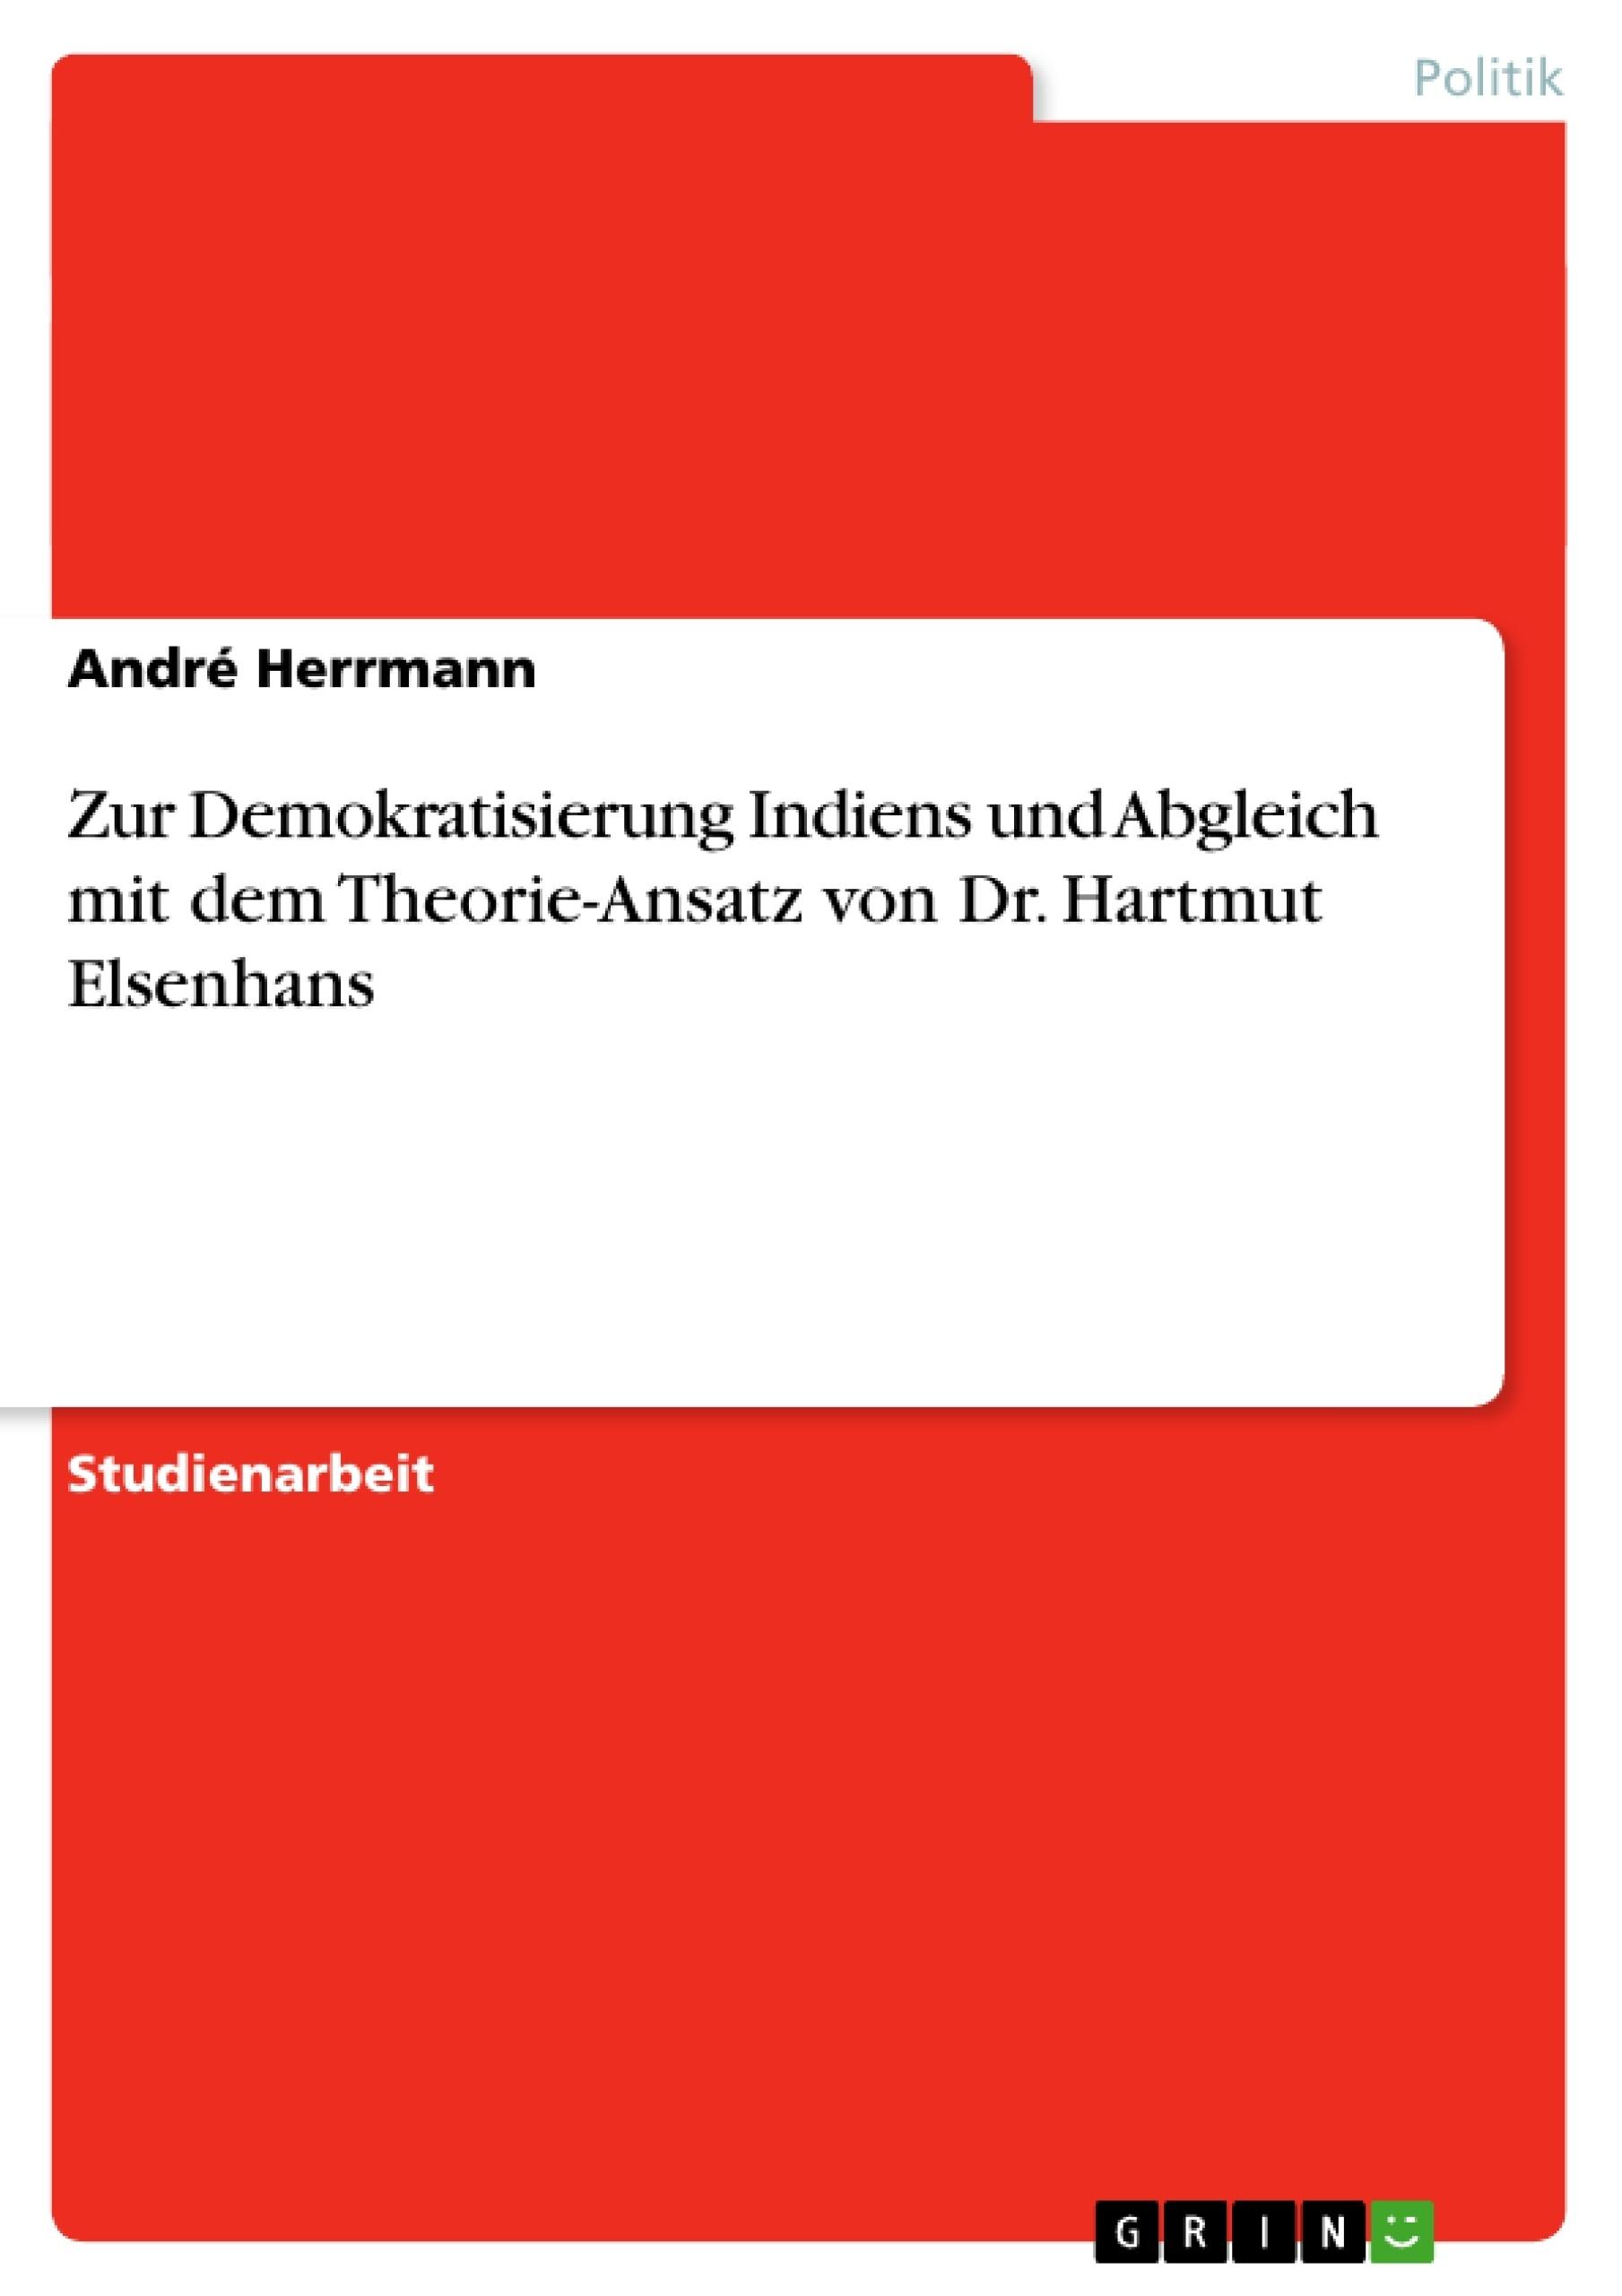 Titel: Zur Demokratisierung Indiens und Abgleich mit dem Theorie-Ansatz von Dr. Hartmut Elsenhans